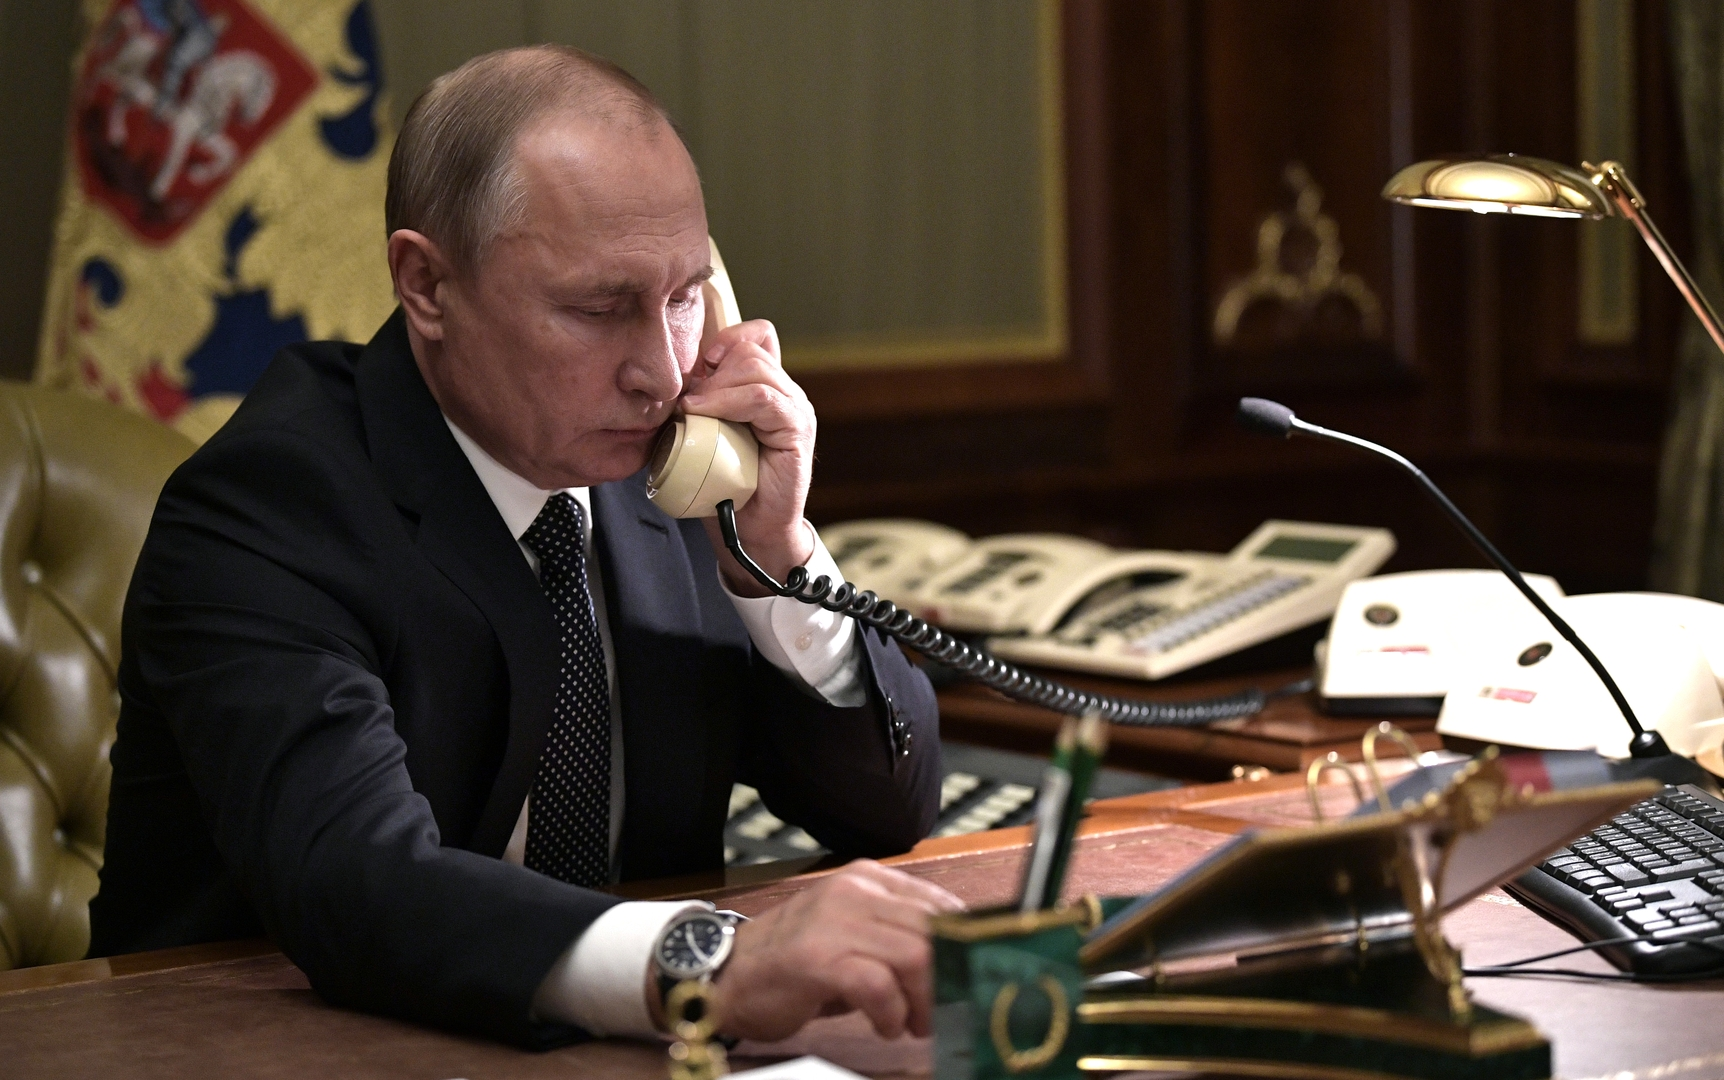 بعد مفاوضات مع رئيس وزراء أرمينيا.. بوتين يبحث ملف قره باغ مع رئيس أذربيجان